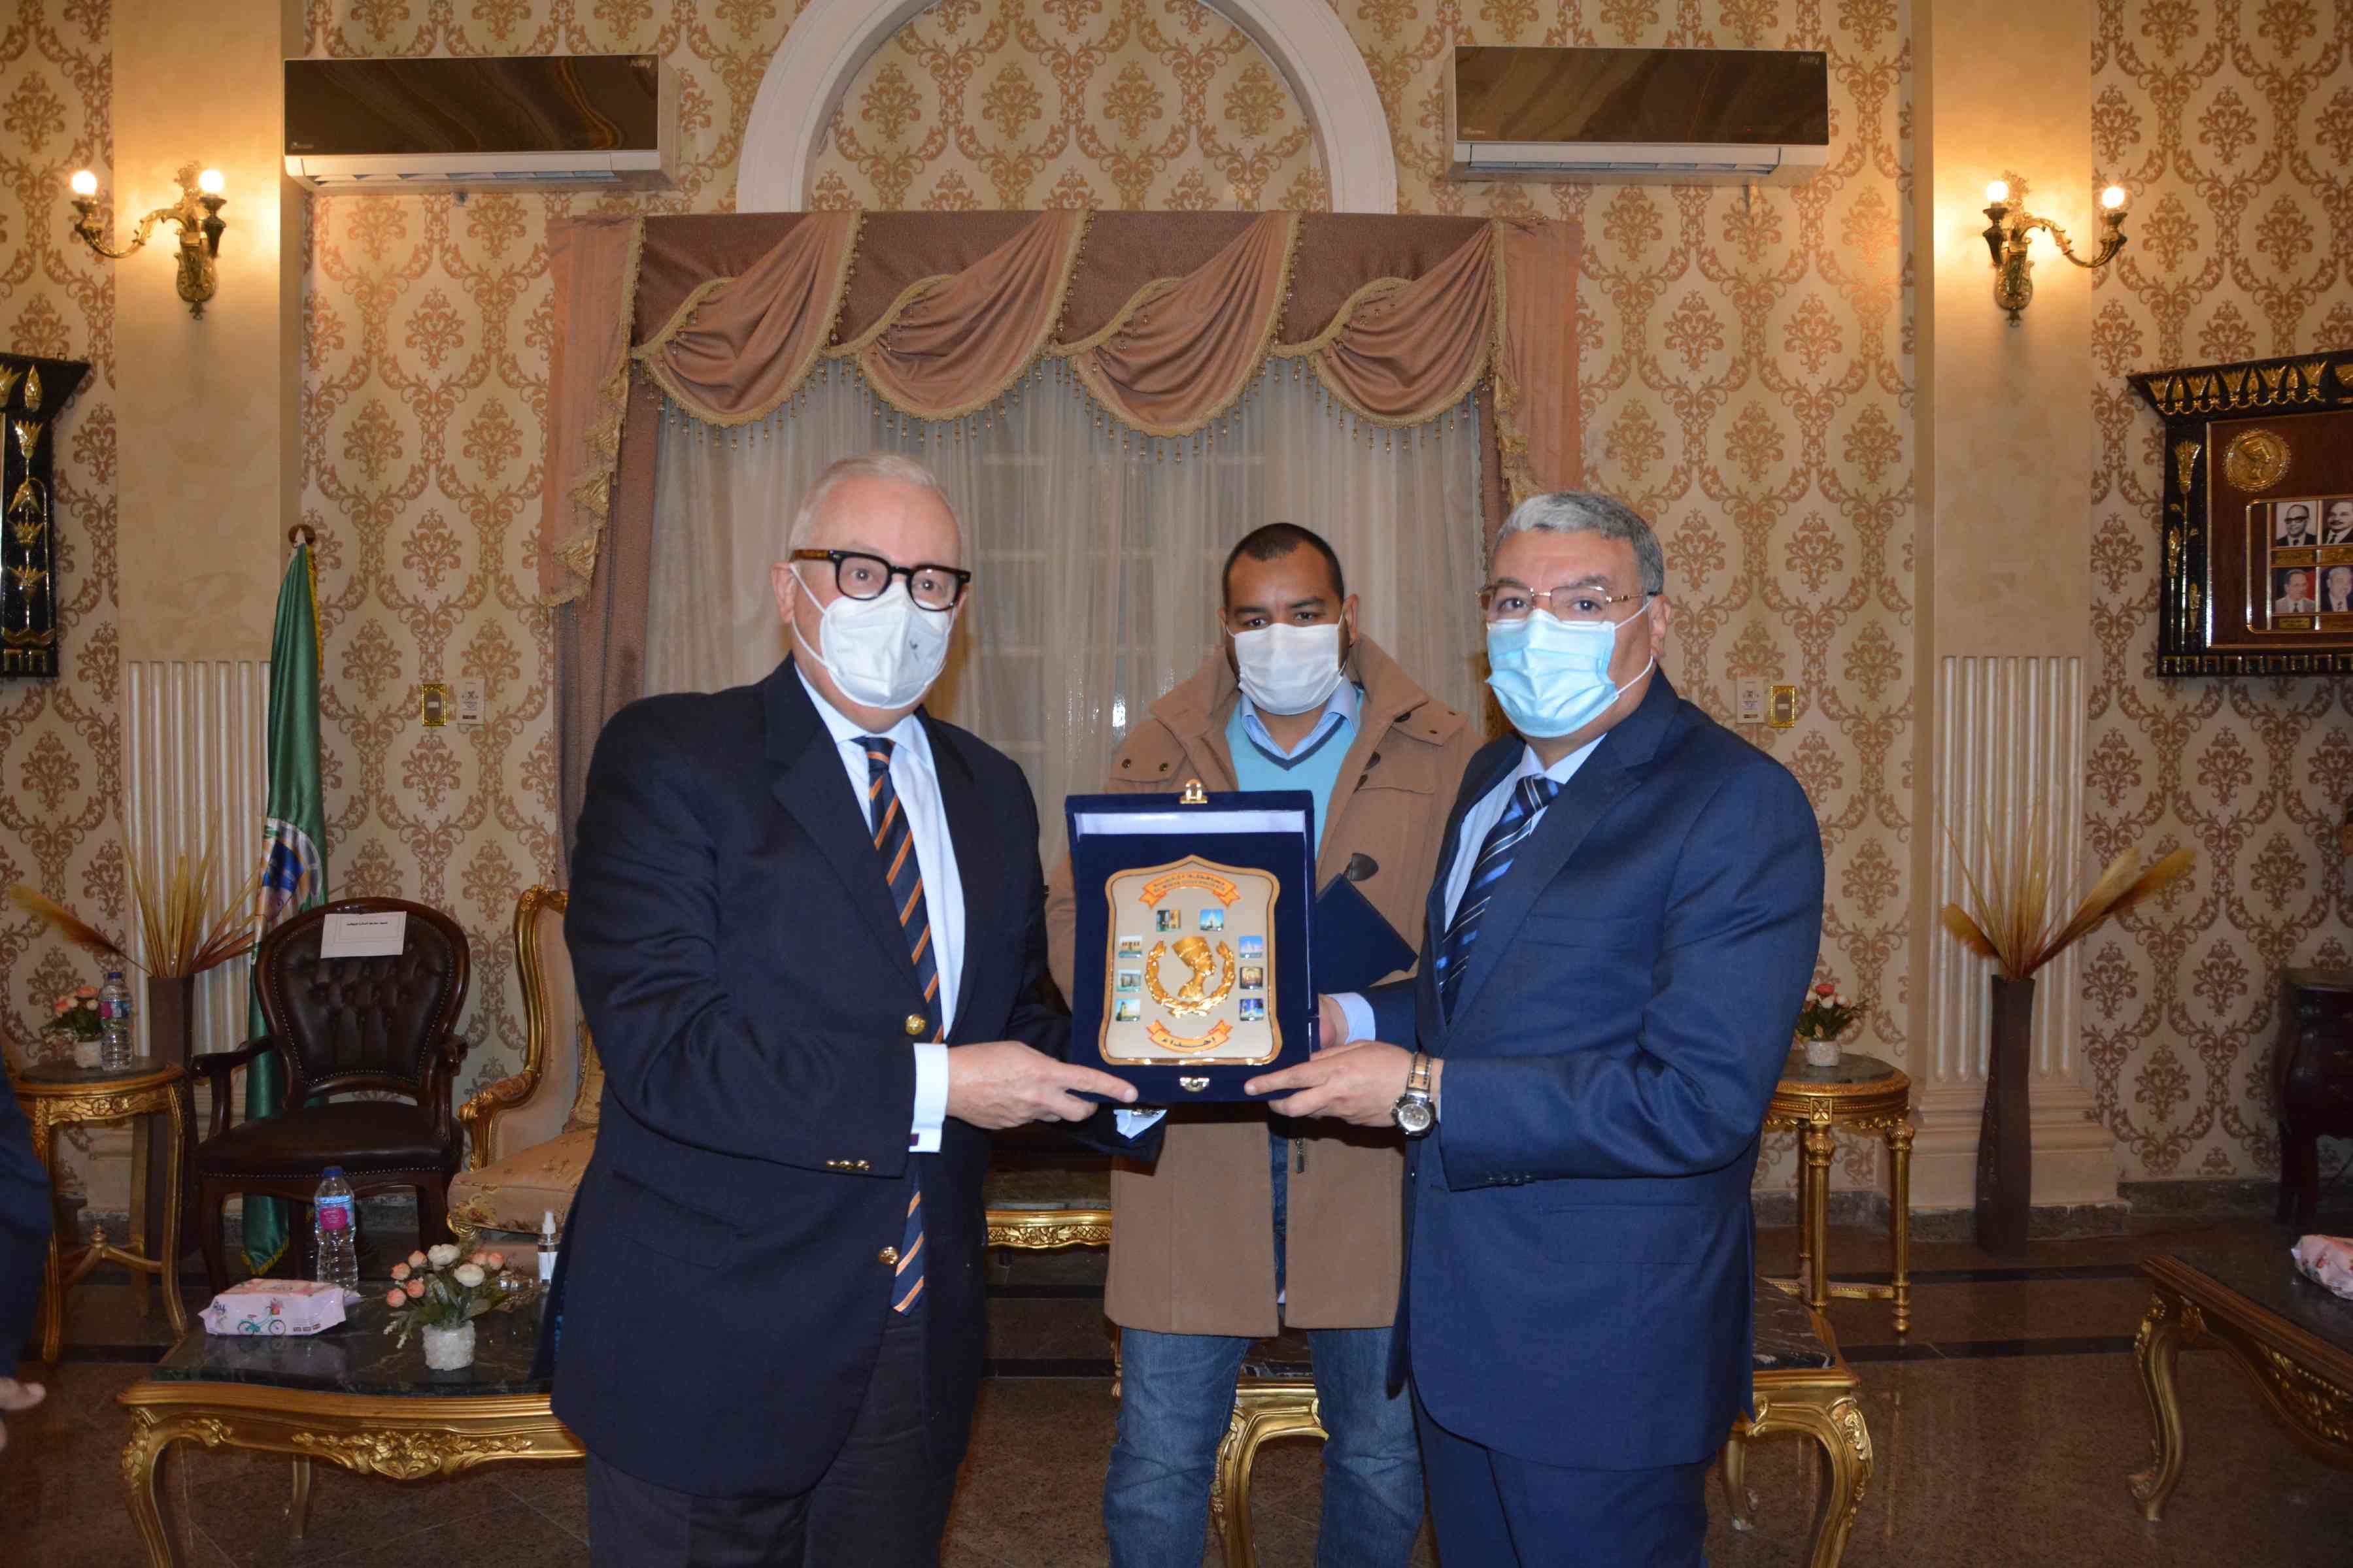 محافظ المنيا يستقبل السفير الإيطالي لتعزيز فرص التعاون والشراكة